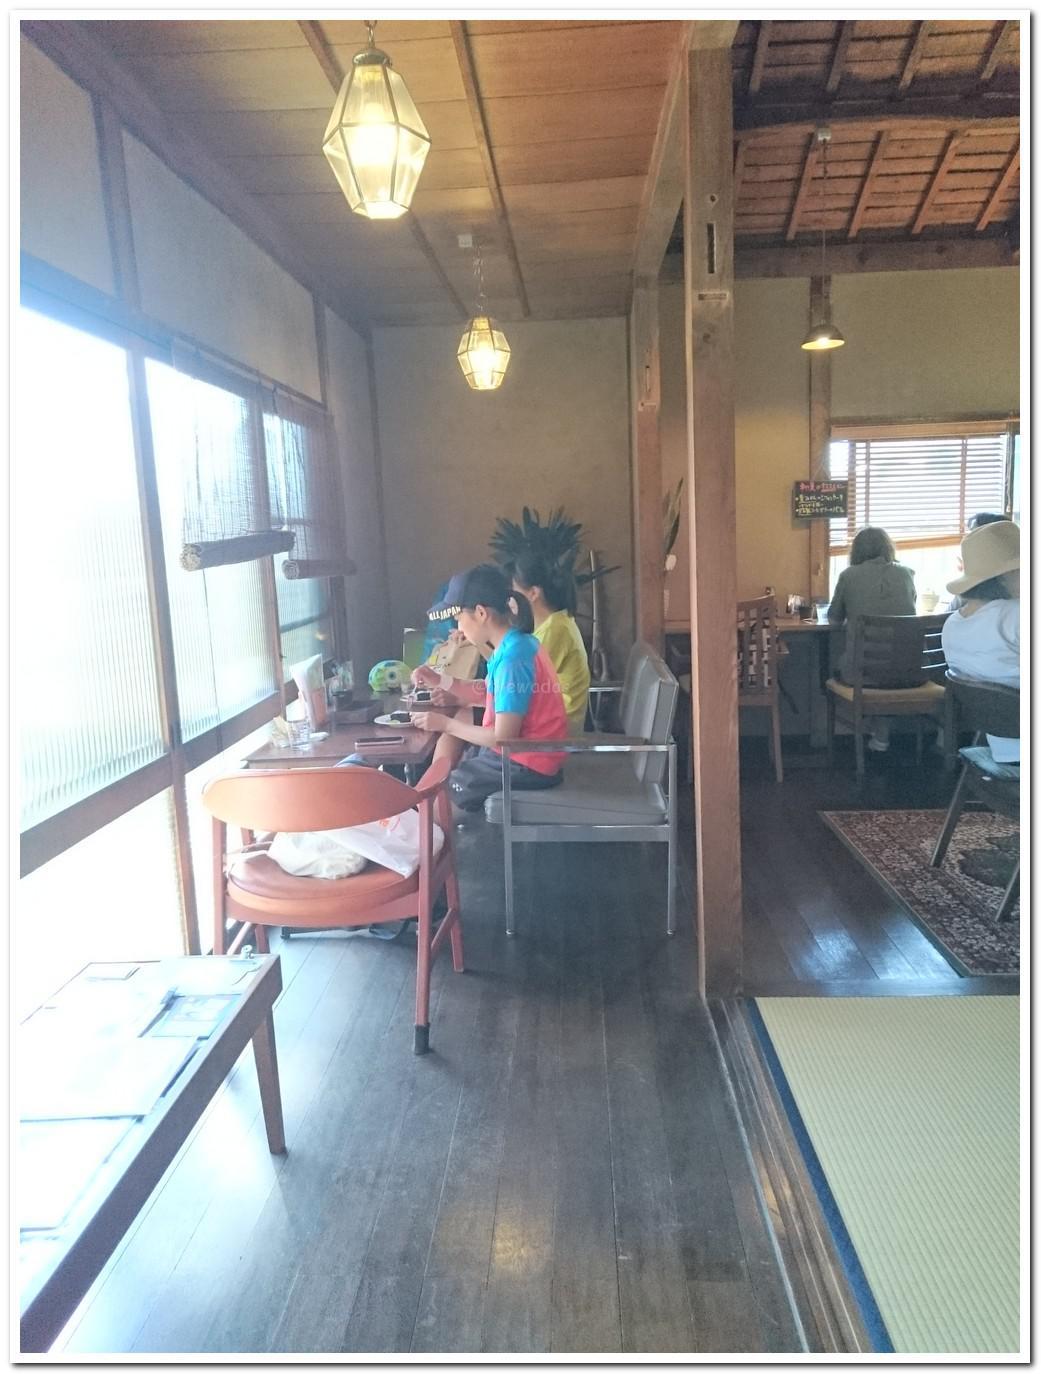 kominka_cafe_jimmubashi_okayama_05